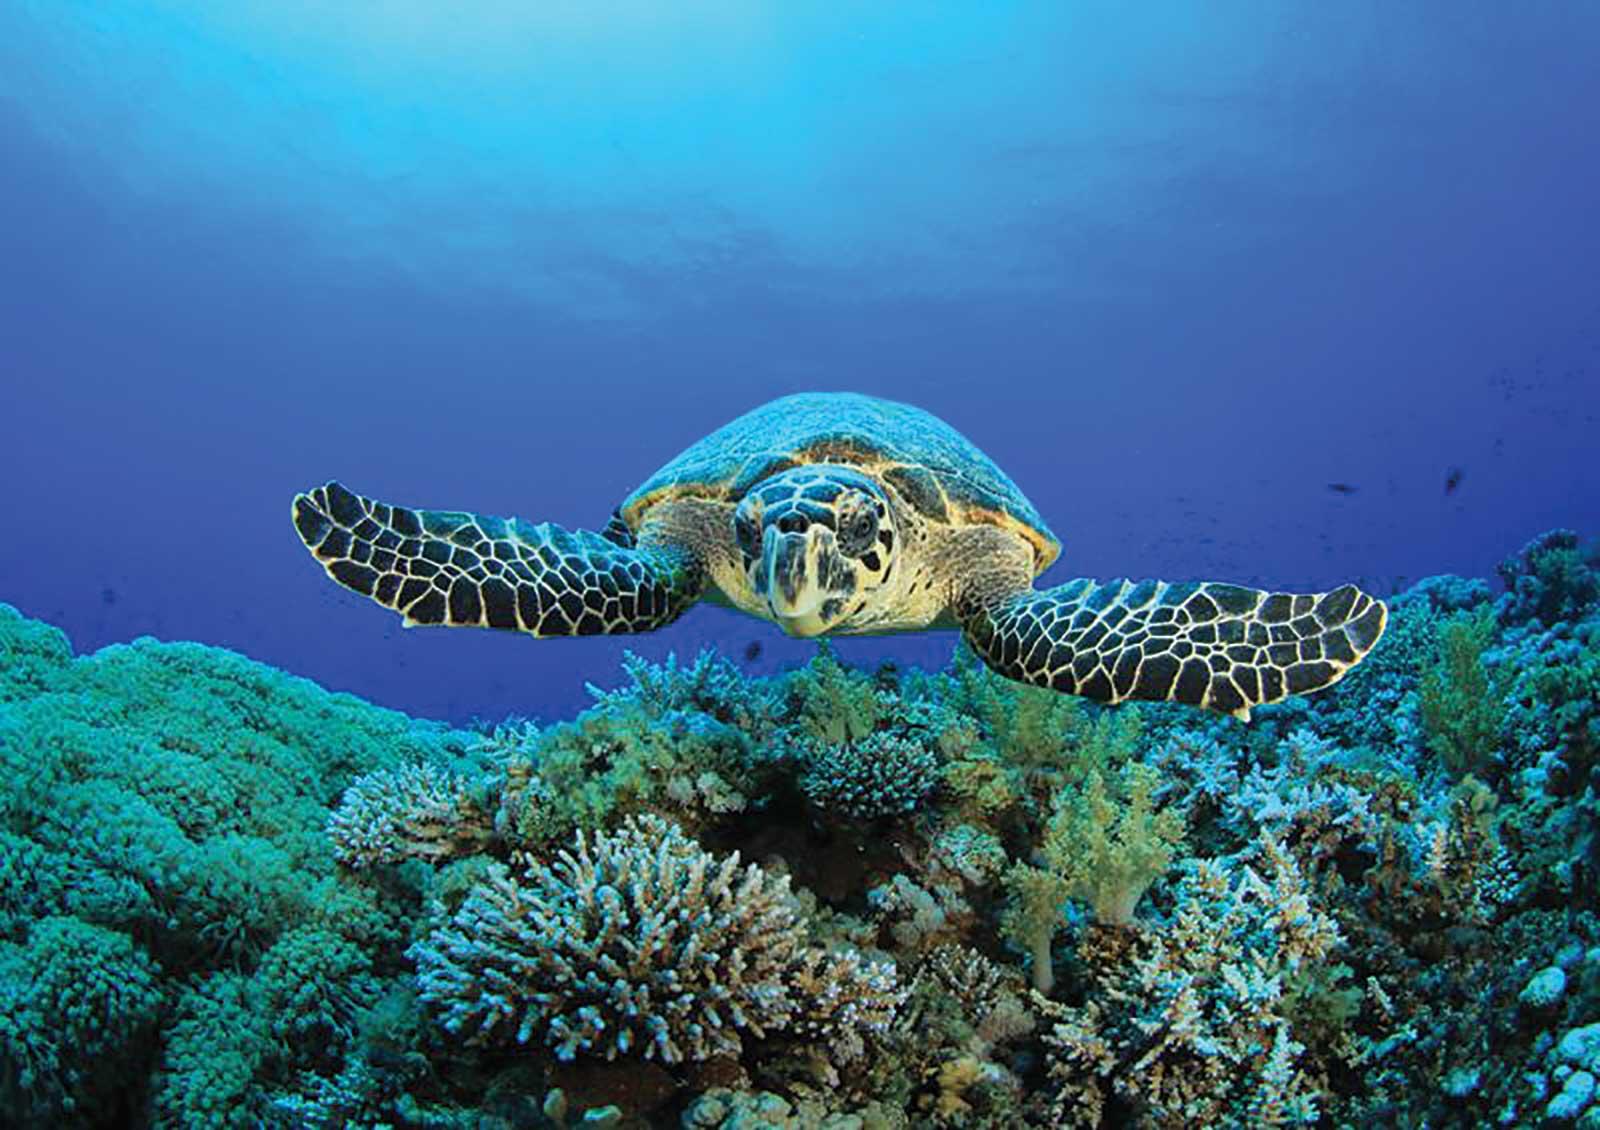 Sortie nocturne pour aller à l'encontre des tortues et de surveiller la ponte sur les plages de l'îlot de Rolas entre novembre et mars